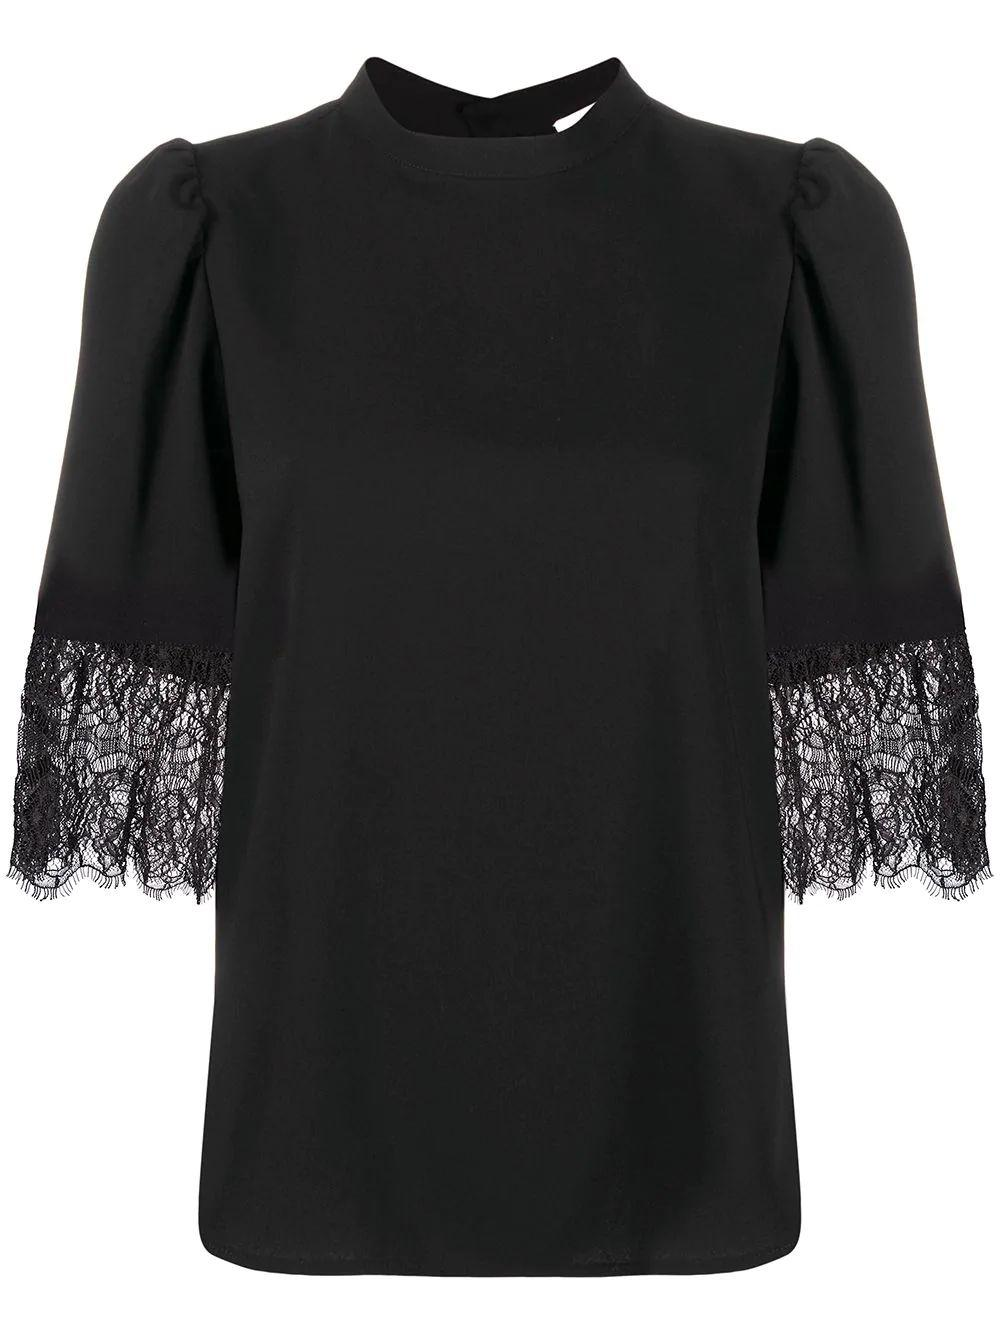 Lace Cuff Crepe Blouse Item # CHS20AHT23012